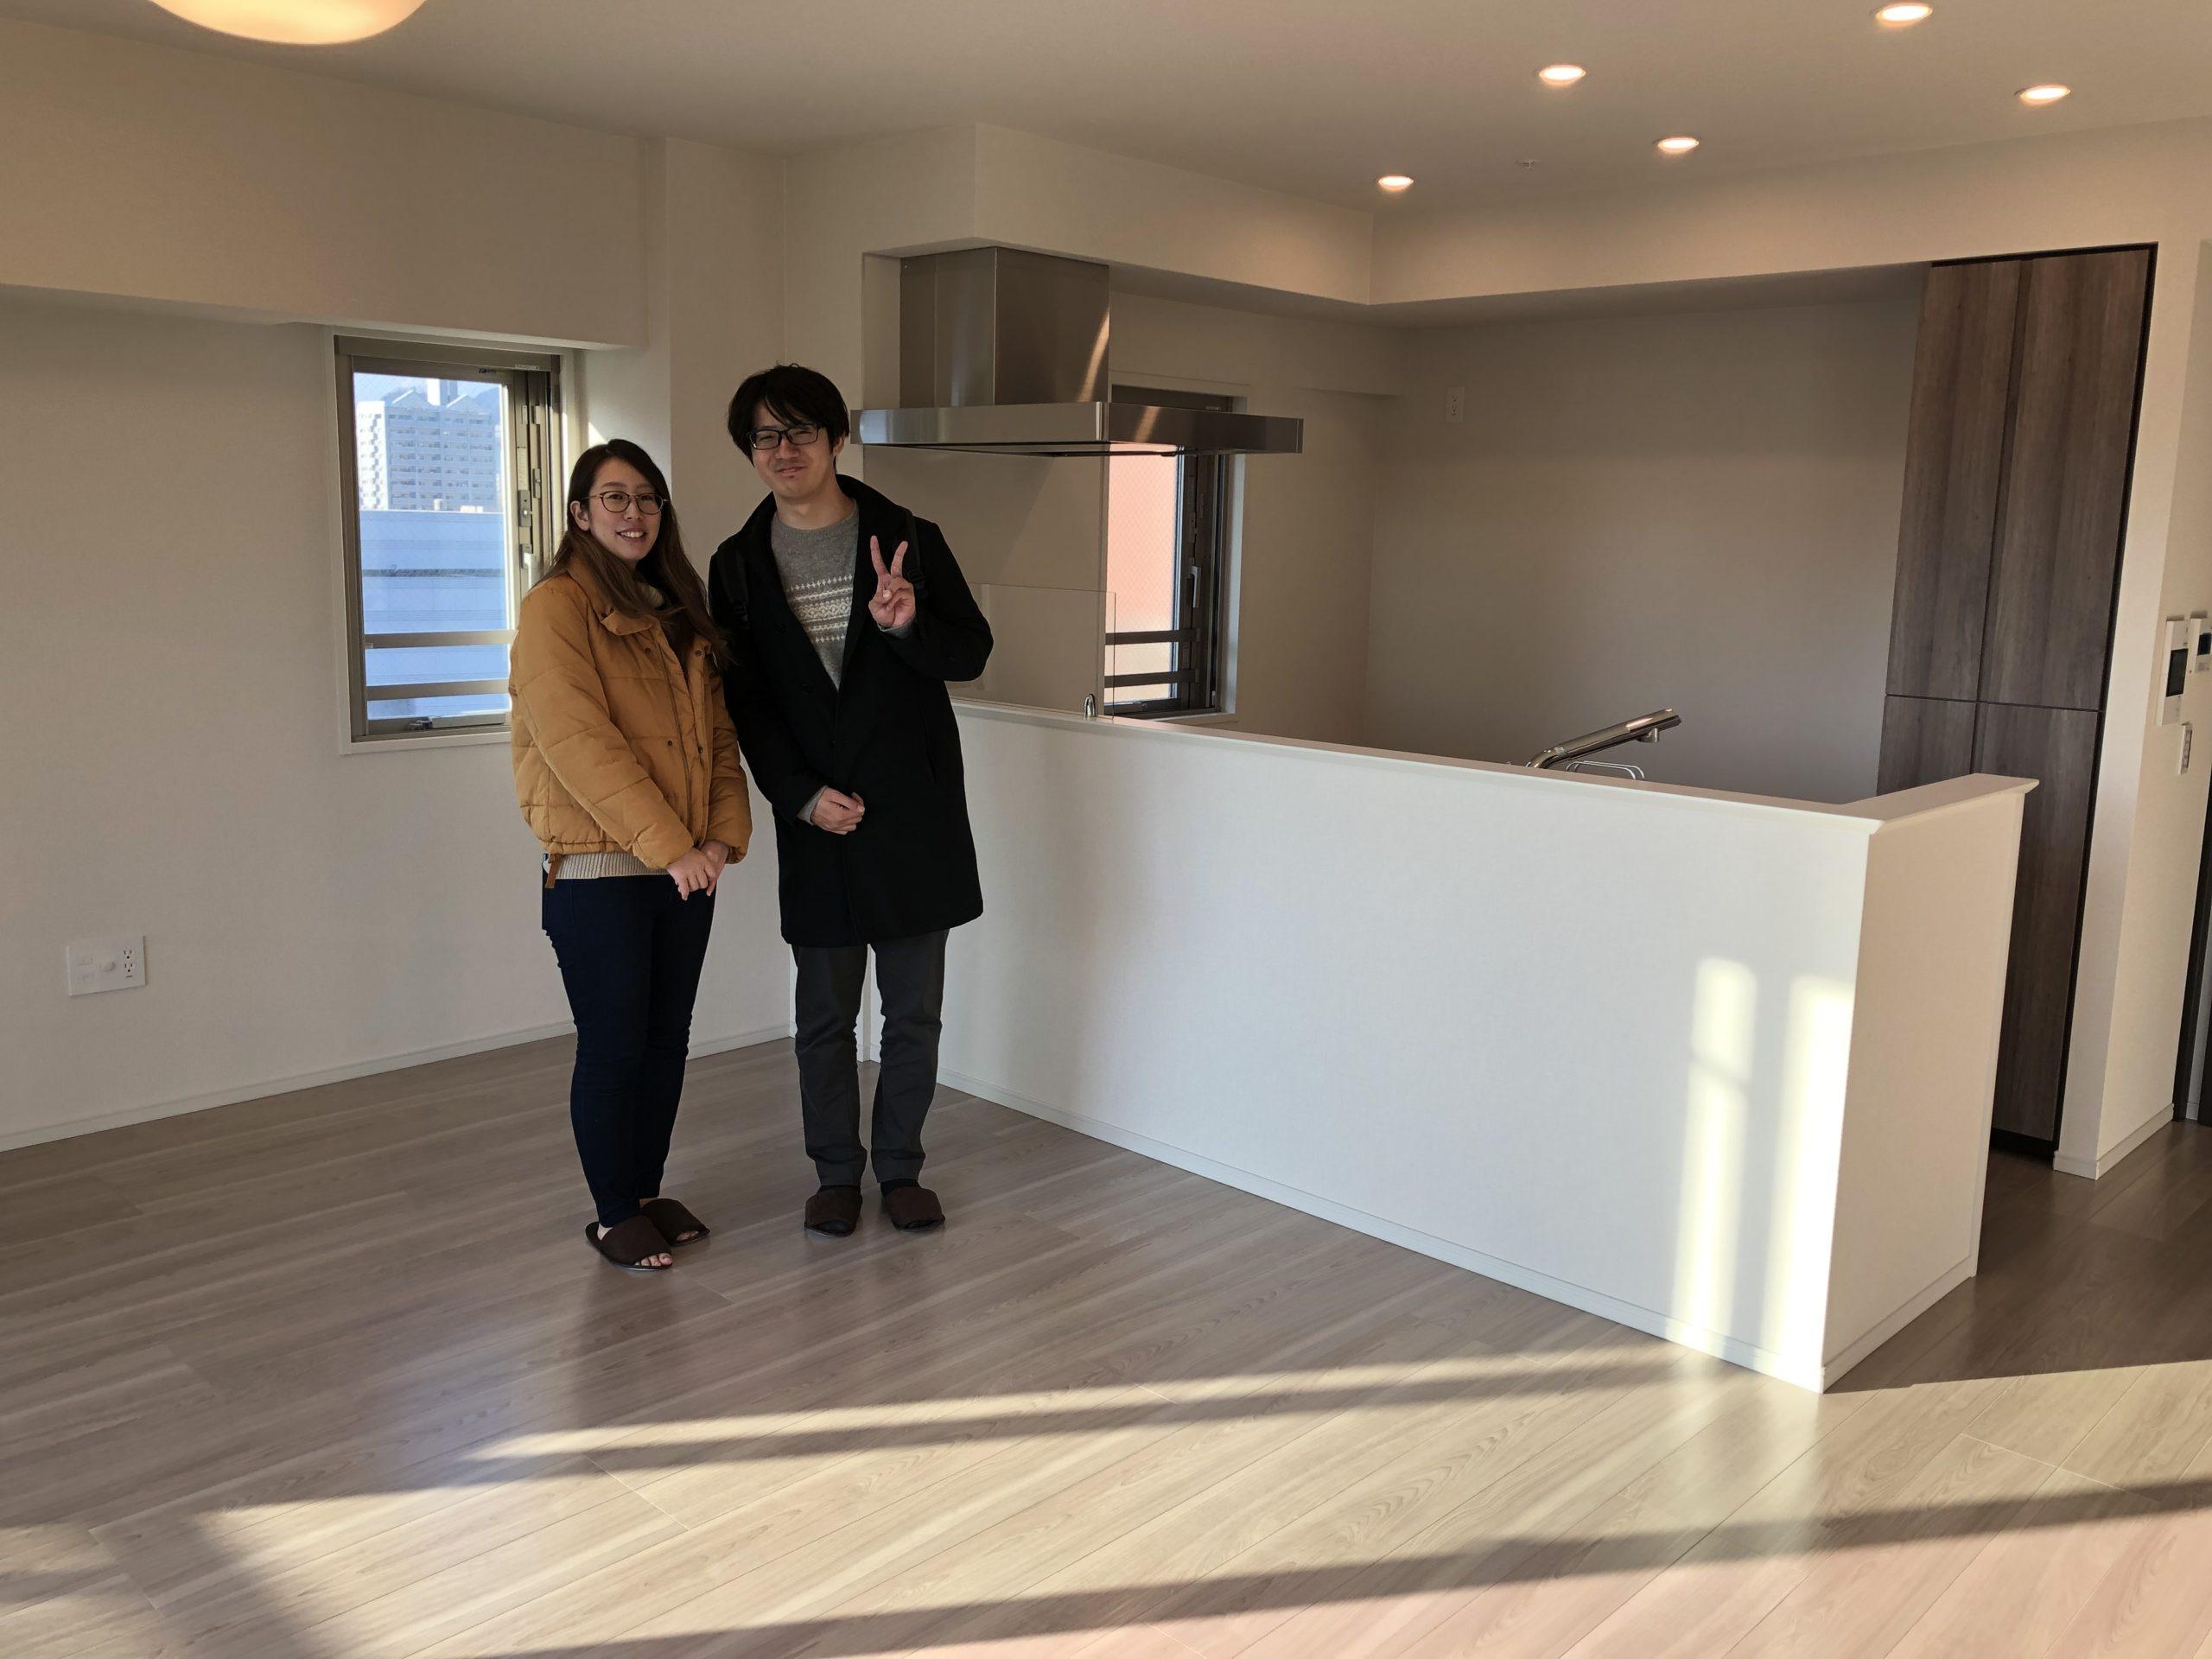 広島の新築マンションへクリスタルハードコートナノを施工!